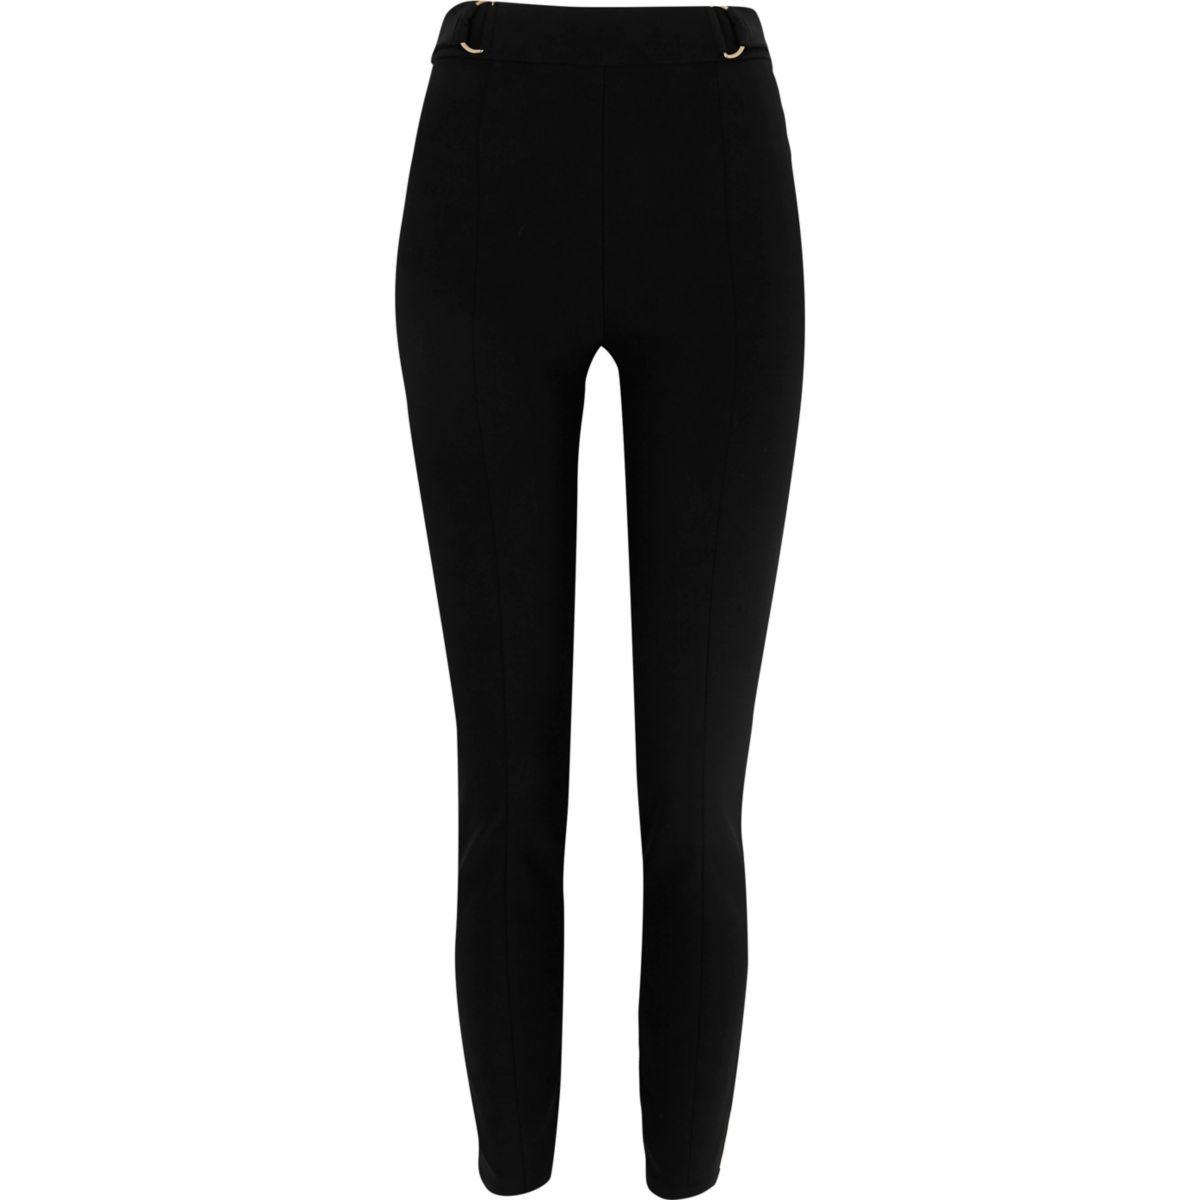 Zwarte skinny broek met hoge taille en D-ring